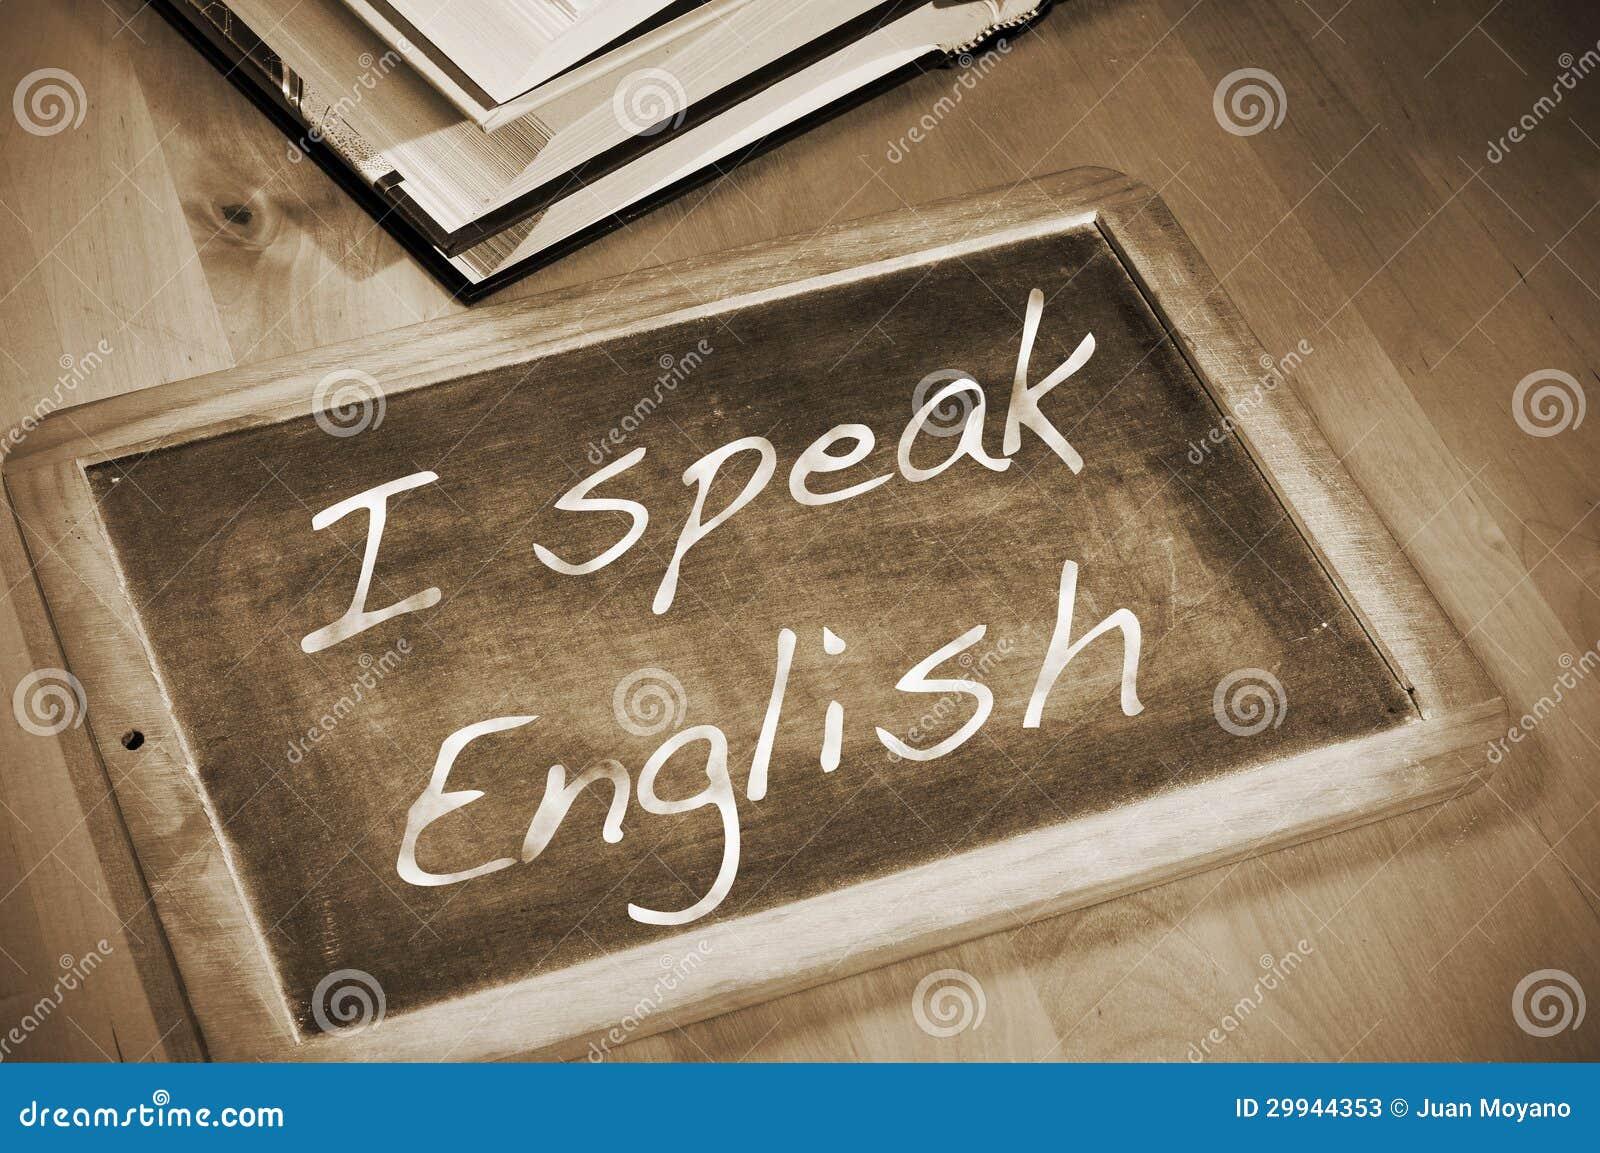 Ich spreche Englisch